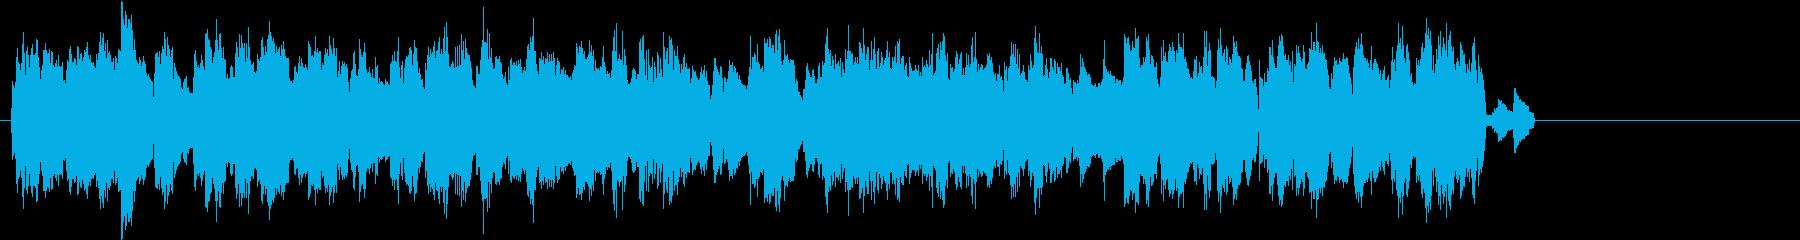 パソコンでネットワーク通信をしている音の再生済みの波形